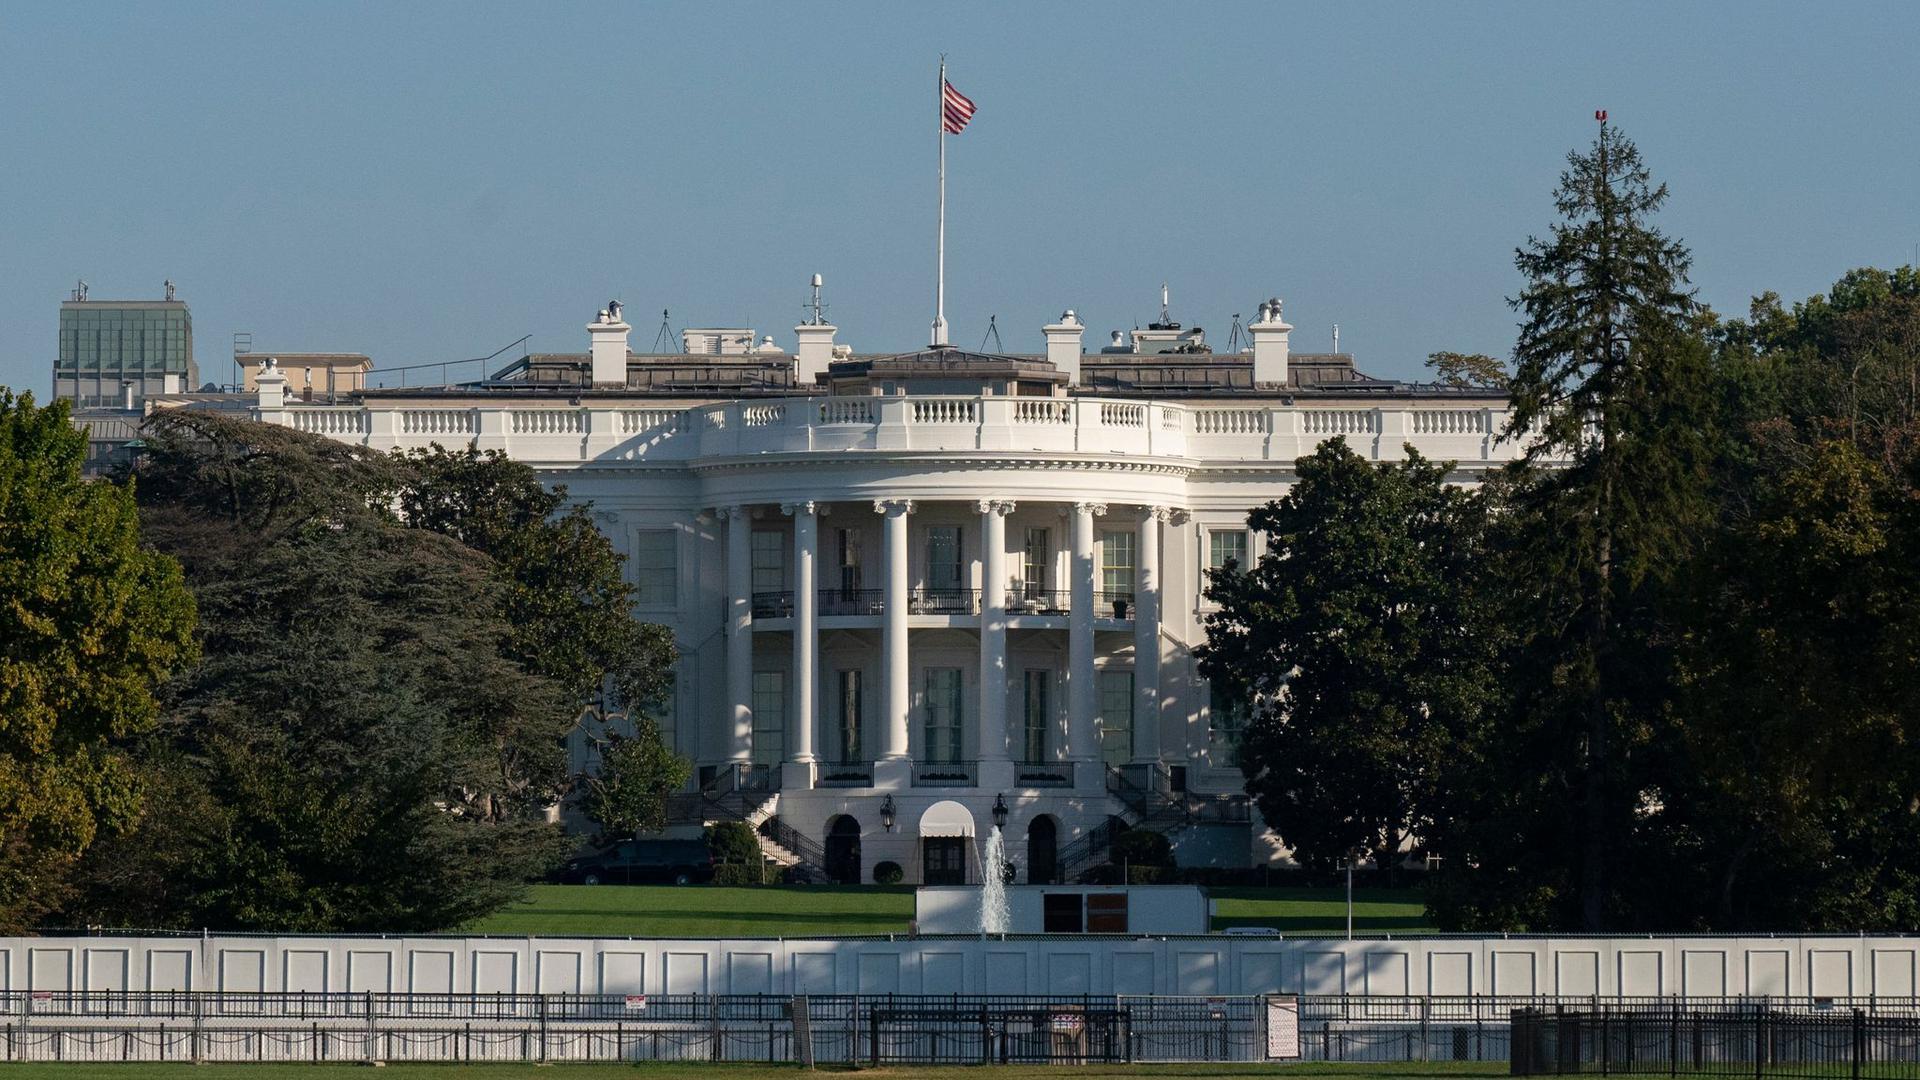 Der Sitz des US-Präsidentenm, das Weiße Haus in Washington. Das Haushaltsdefizit der US-Regierung ist wegen der Corona-Hilfen sprunghaft angestiegen.